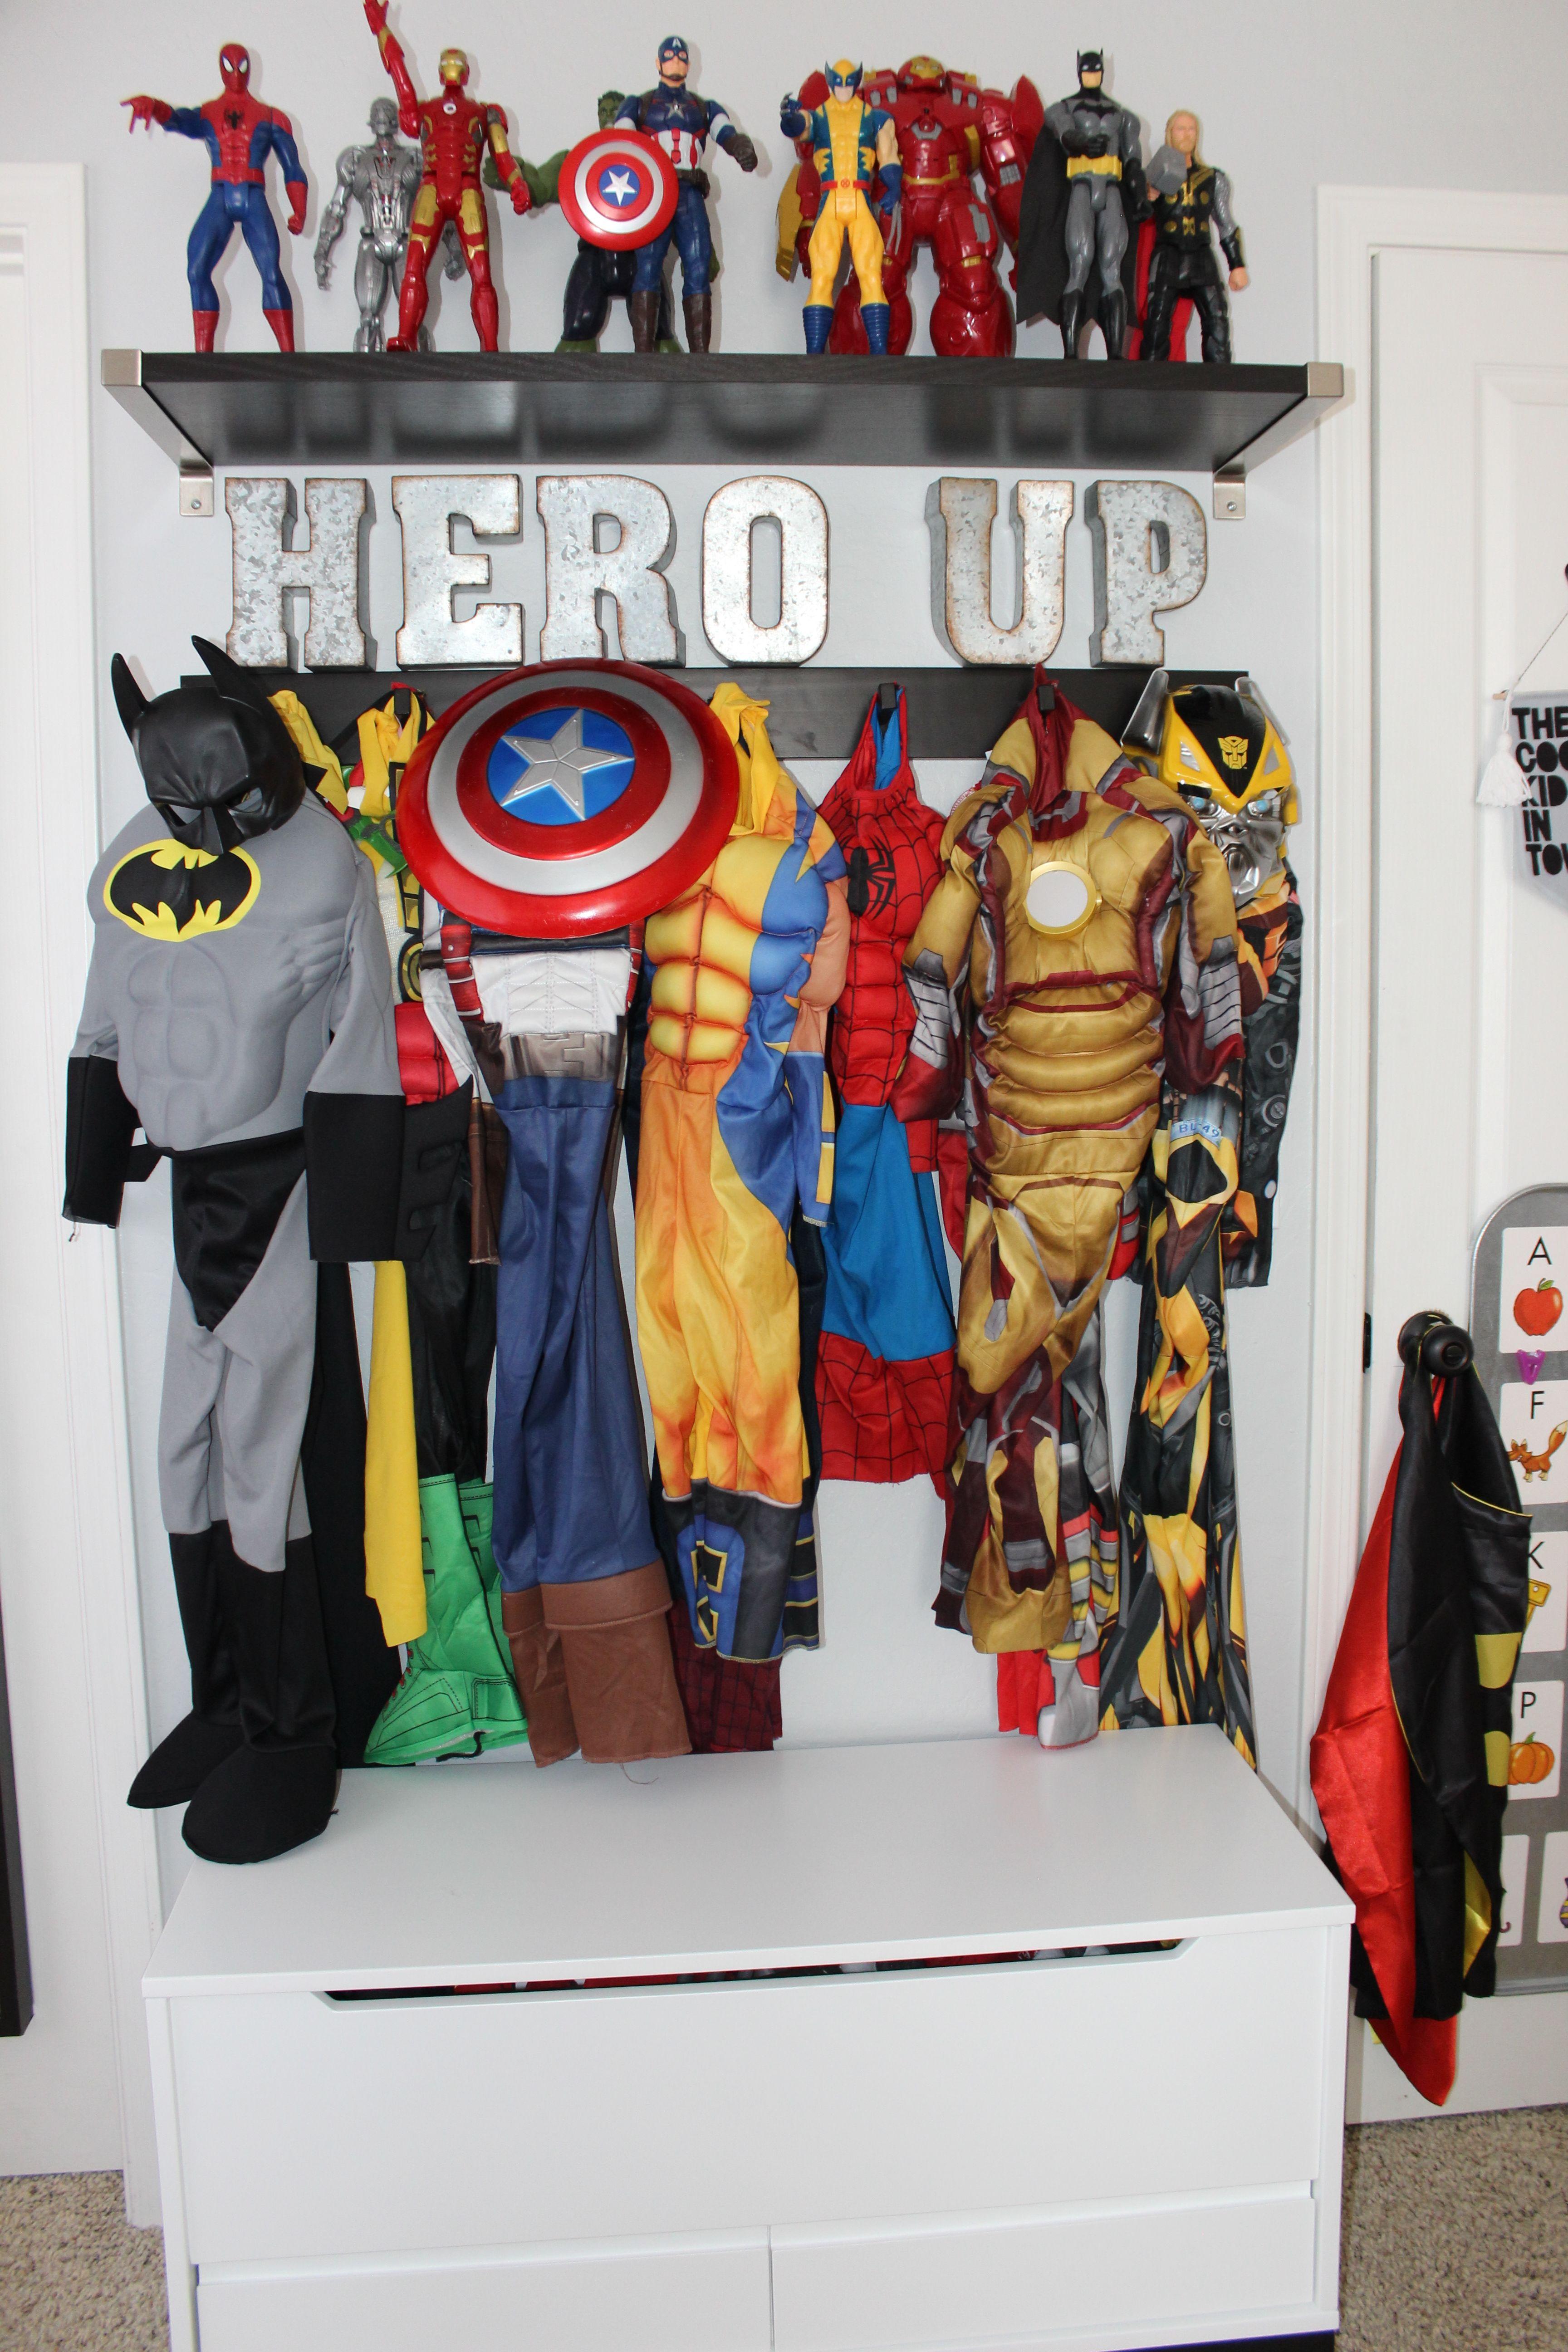 Boys Room Superhero Costume Display Organization Ikea And Land Of Nod Superhero Boys Room Superhero Room Cool Kids Rooms